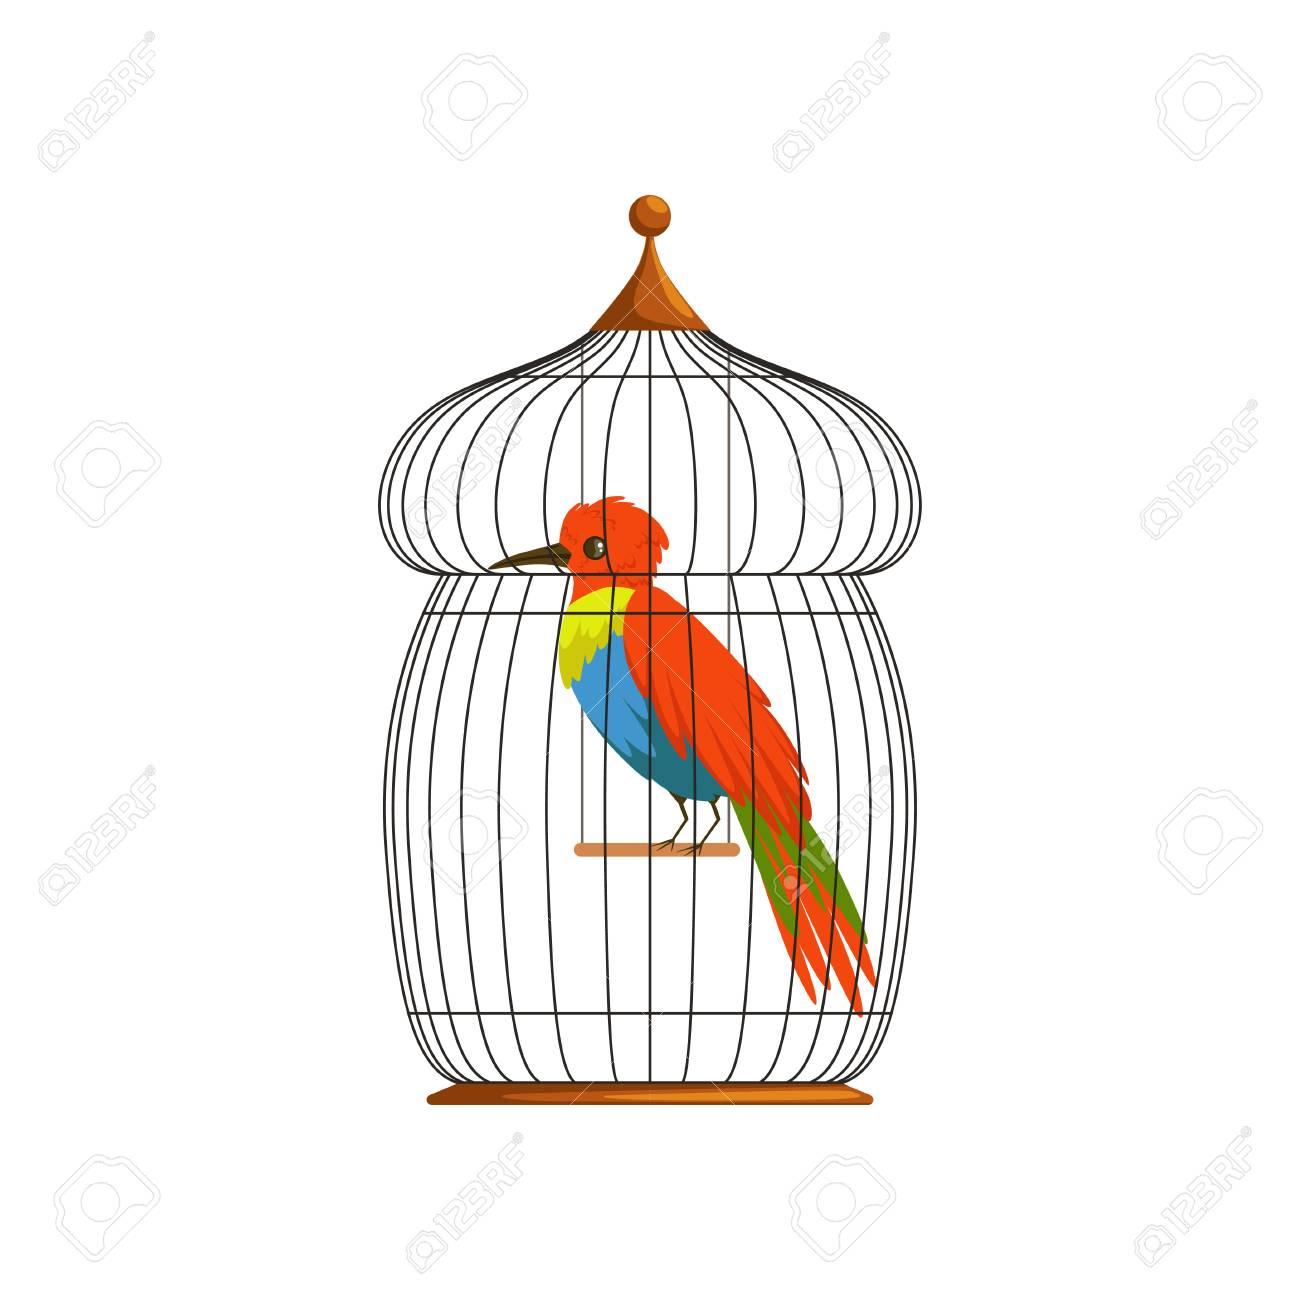 Grand Oiseau Avec De Longues Panaches Brillants Vert, Bleu Et Rouge.  Personnage De Dessin Animé D'un Animal Tropical Dans Une Vieille Cage  Métallique. dedans Dessin De Cage D Oiseau